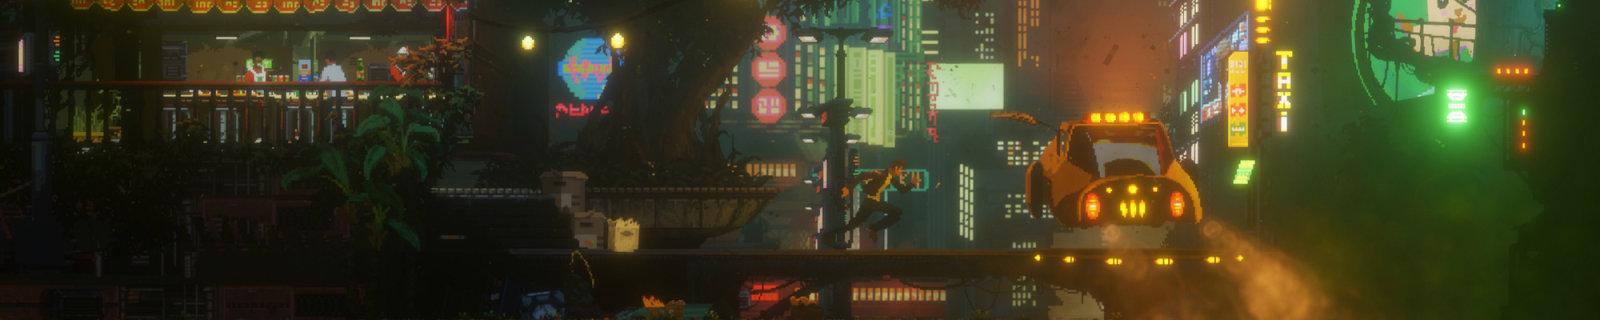 《The Last Night》总监表示目前游戏遇到了一些困难,正在筹集资金